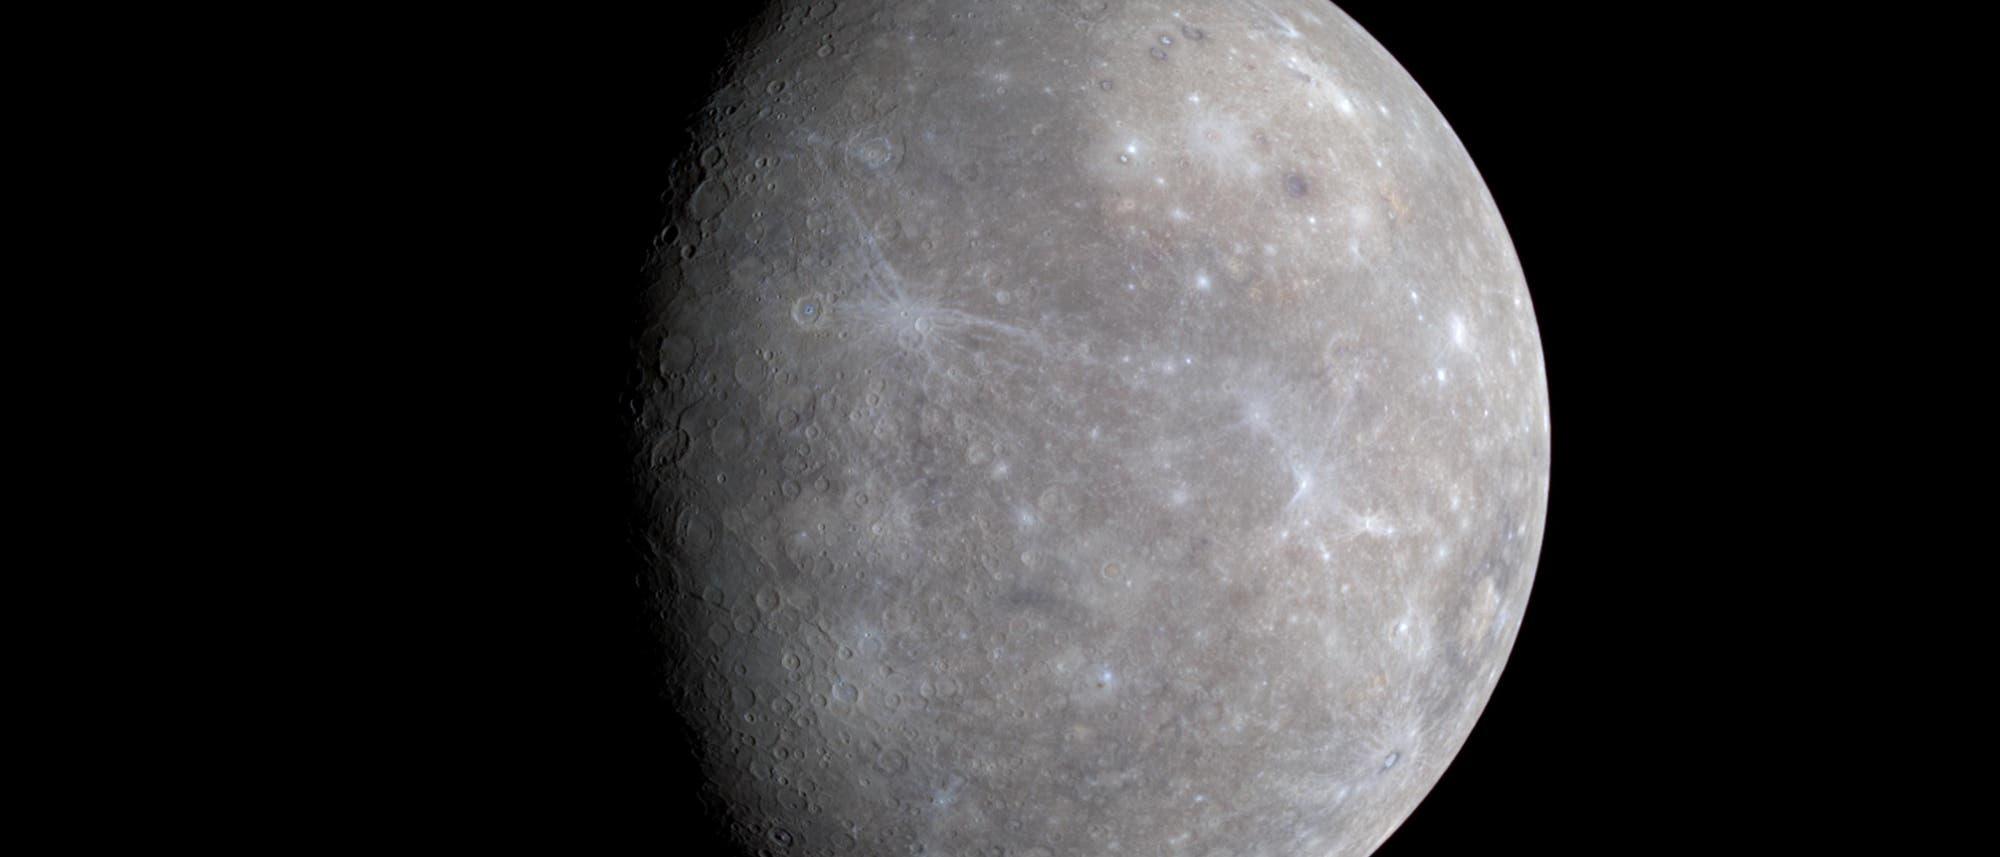 Merkur in annähernd echten Farben